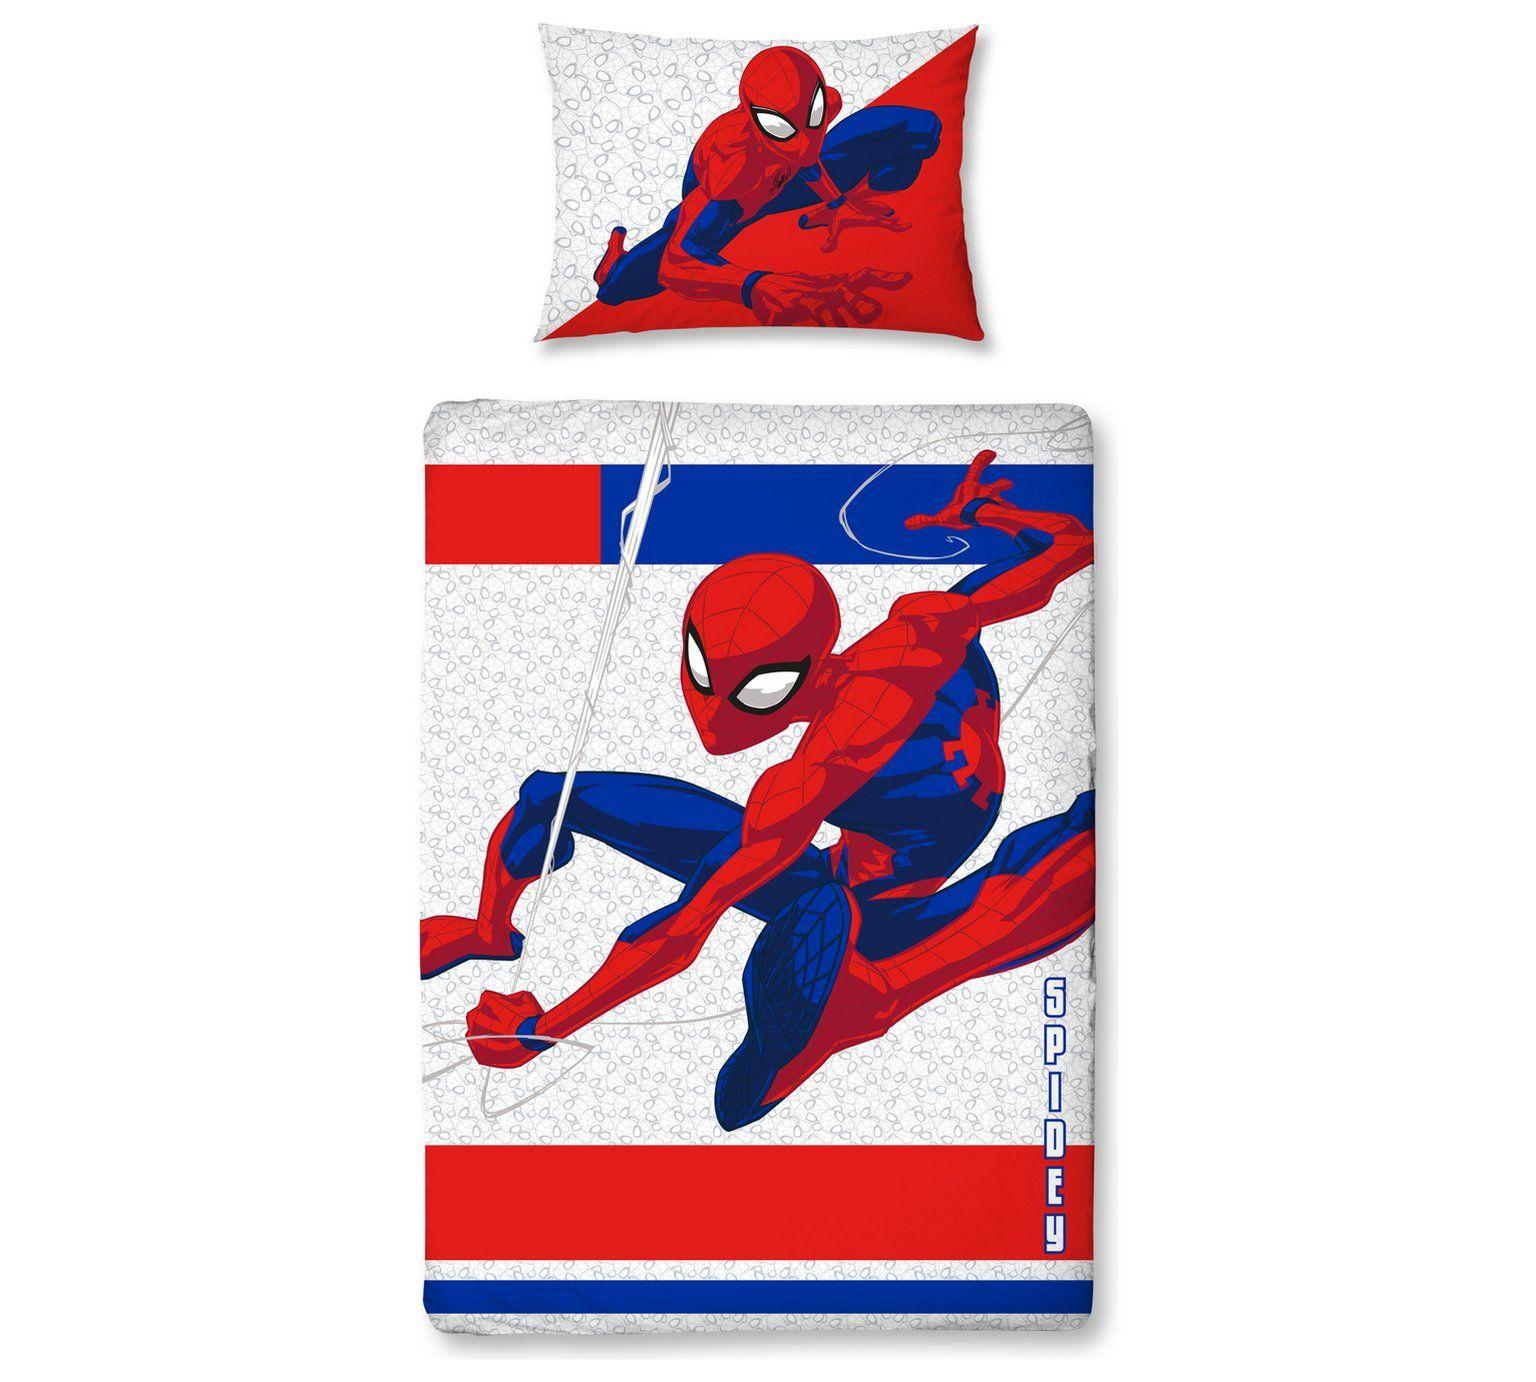 Buy Spider Man Bedding Set Toddler Bed Kids Bedding Sets